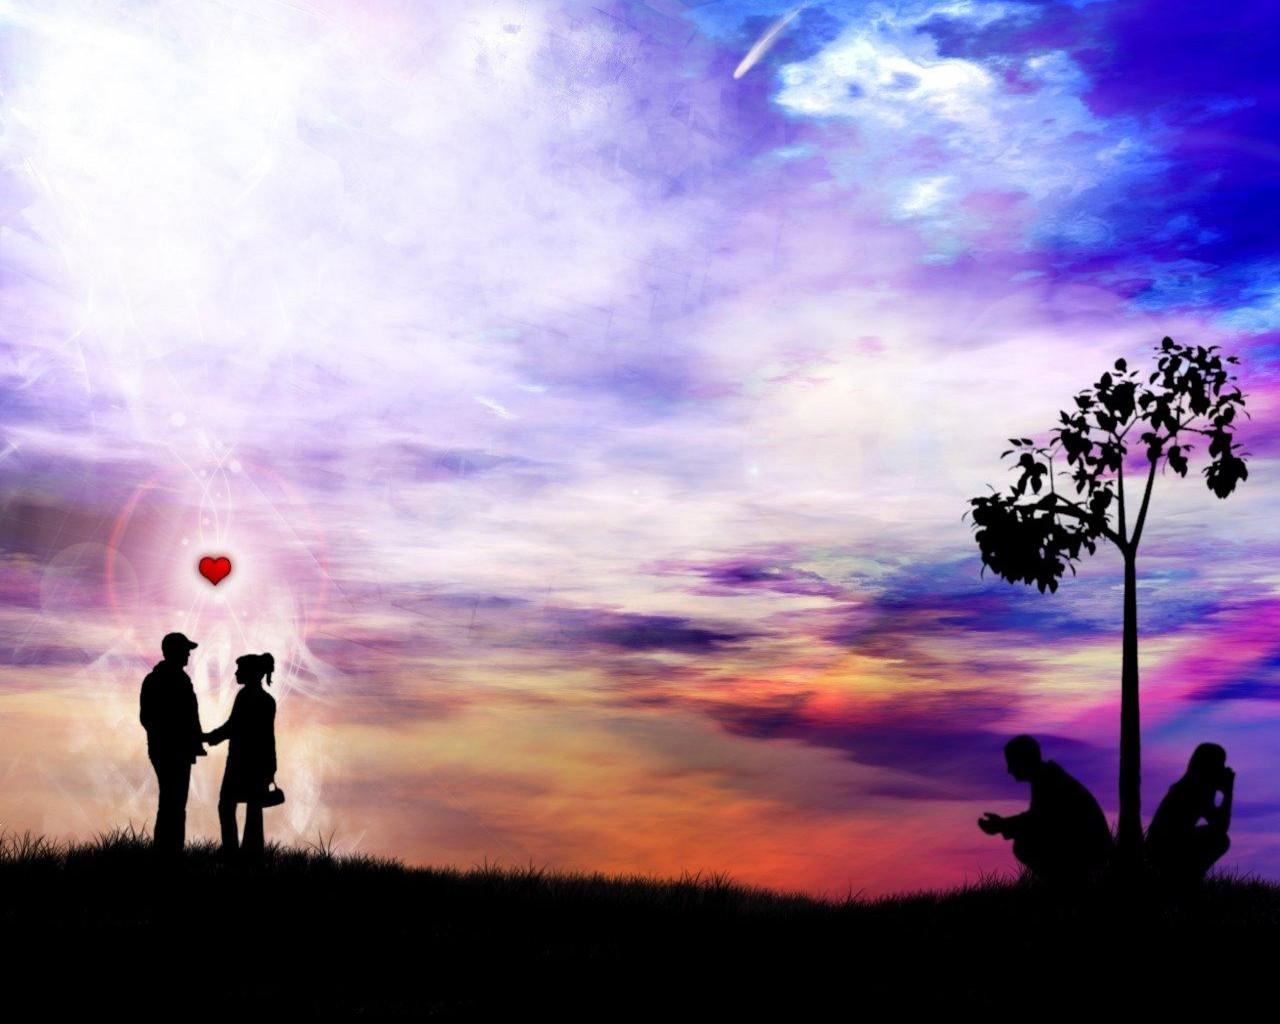 Красивые картинки Я тебя люблю! 35 фото  Прикольные